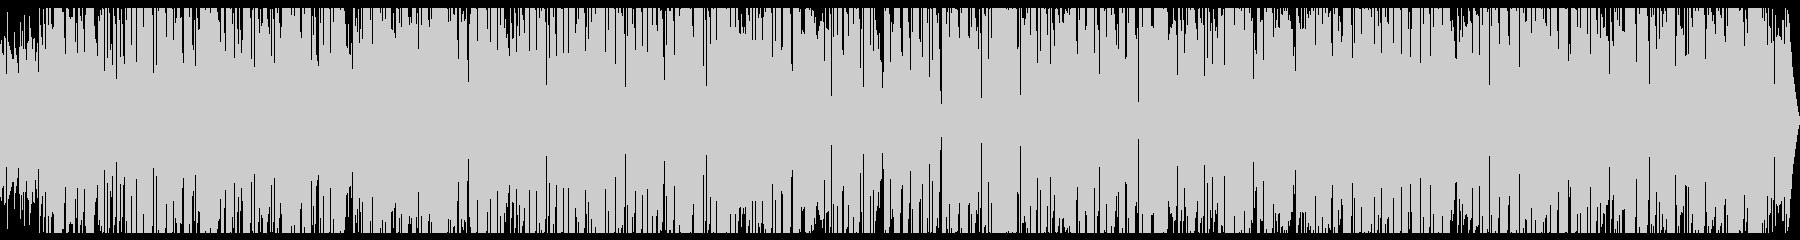 ロックオルガンの優しいバラードジャズの未再生の波形